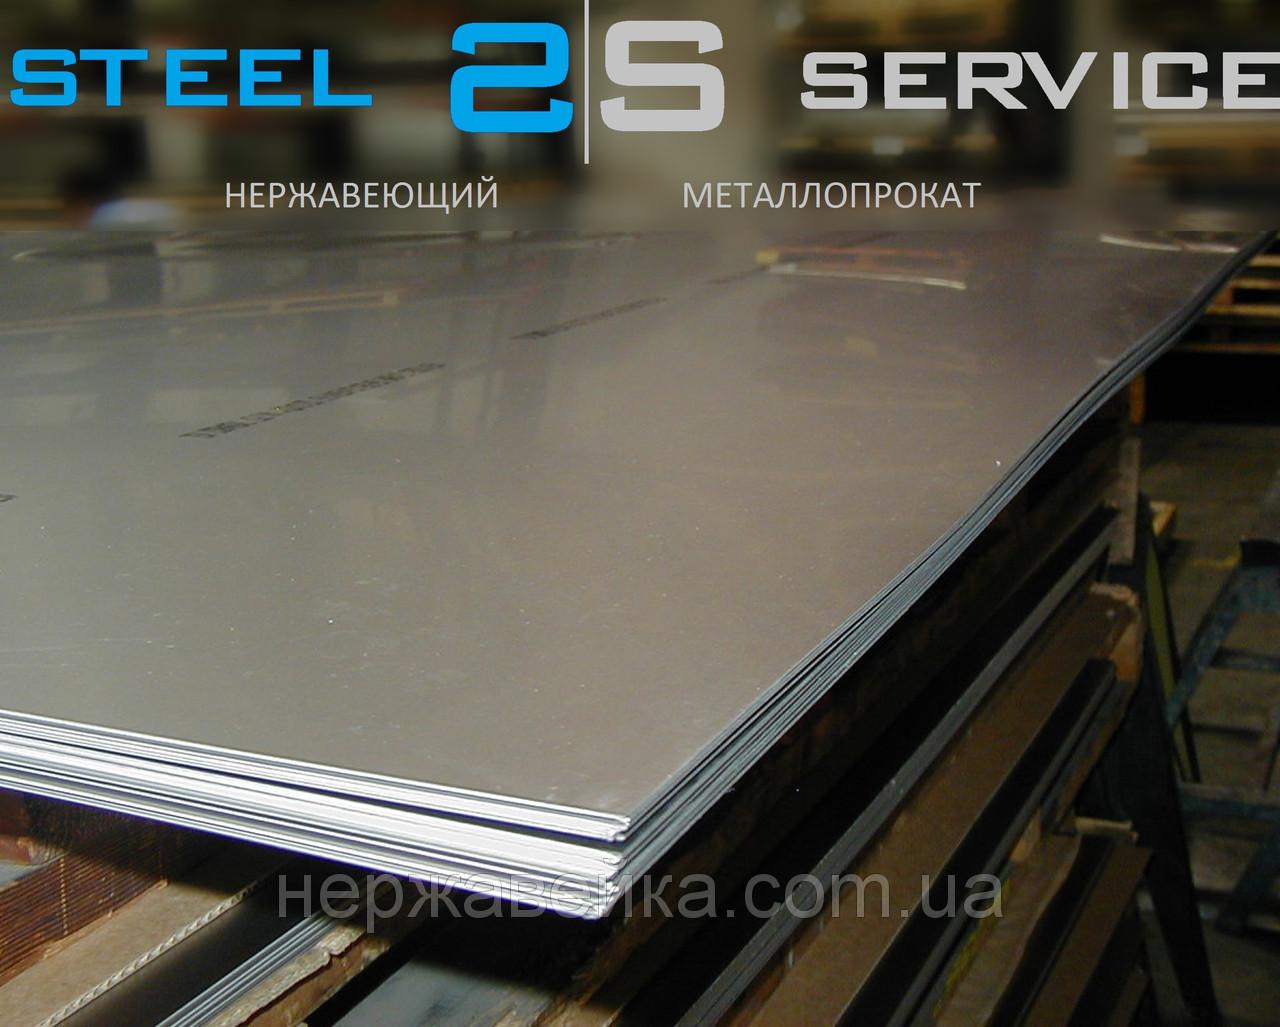 Нержавеющий лист 25х1000х2000мм  AISI 309(20Х23Н13, 20Х20Н14С2) F1 - горячекатанный,  жаропрочный